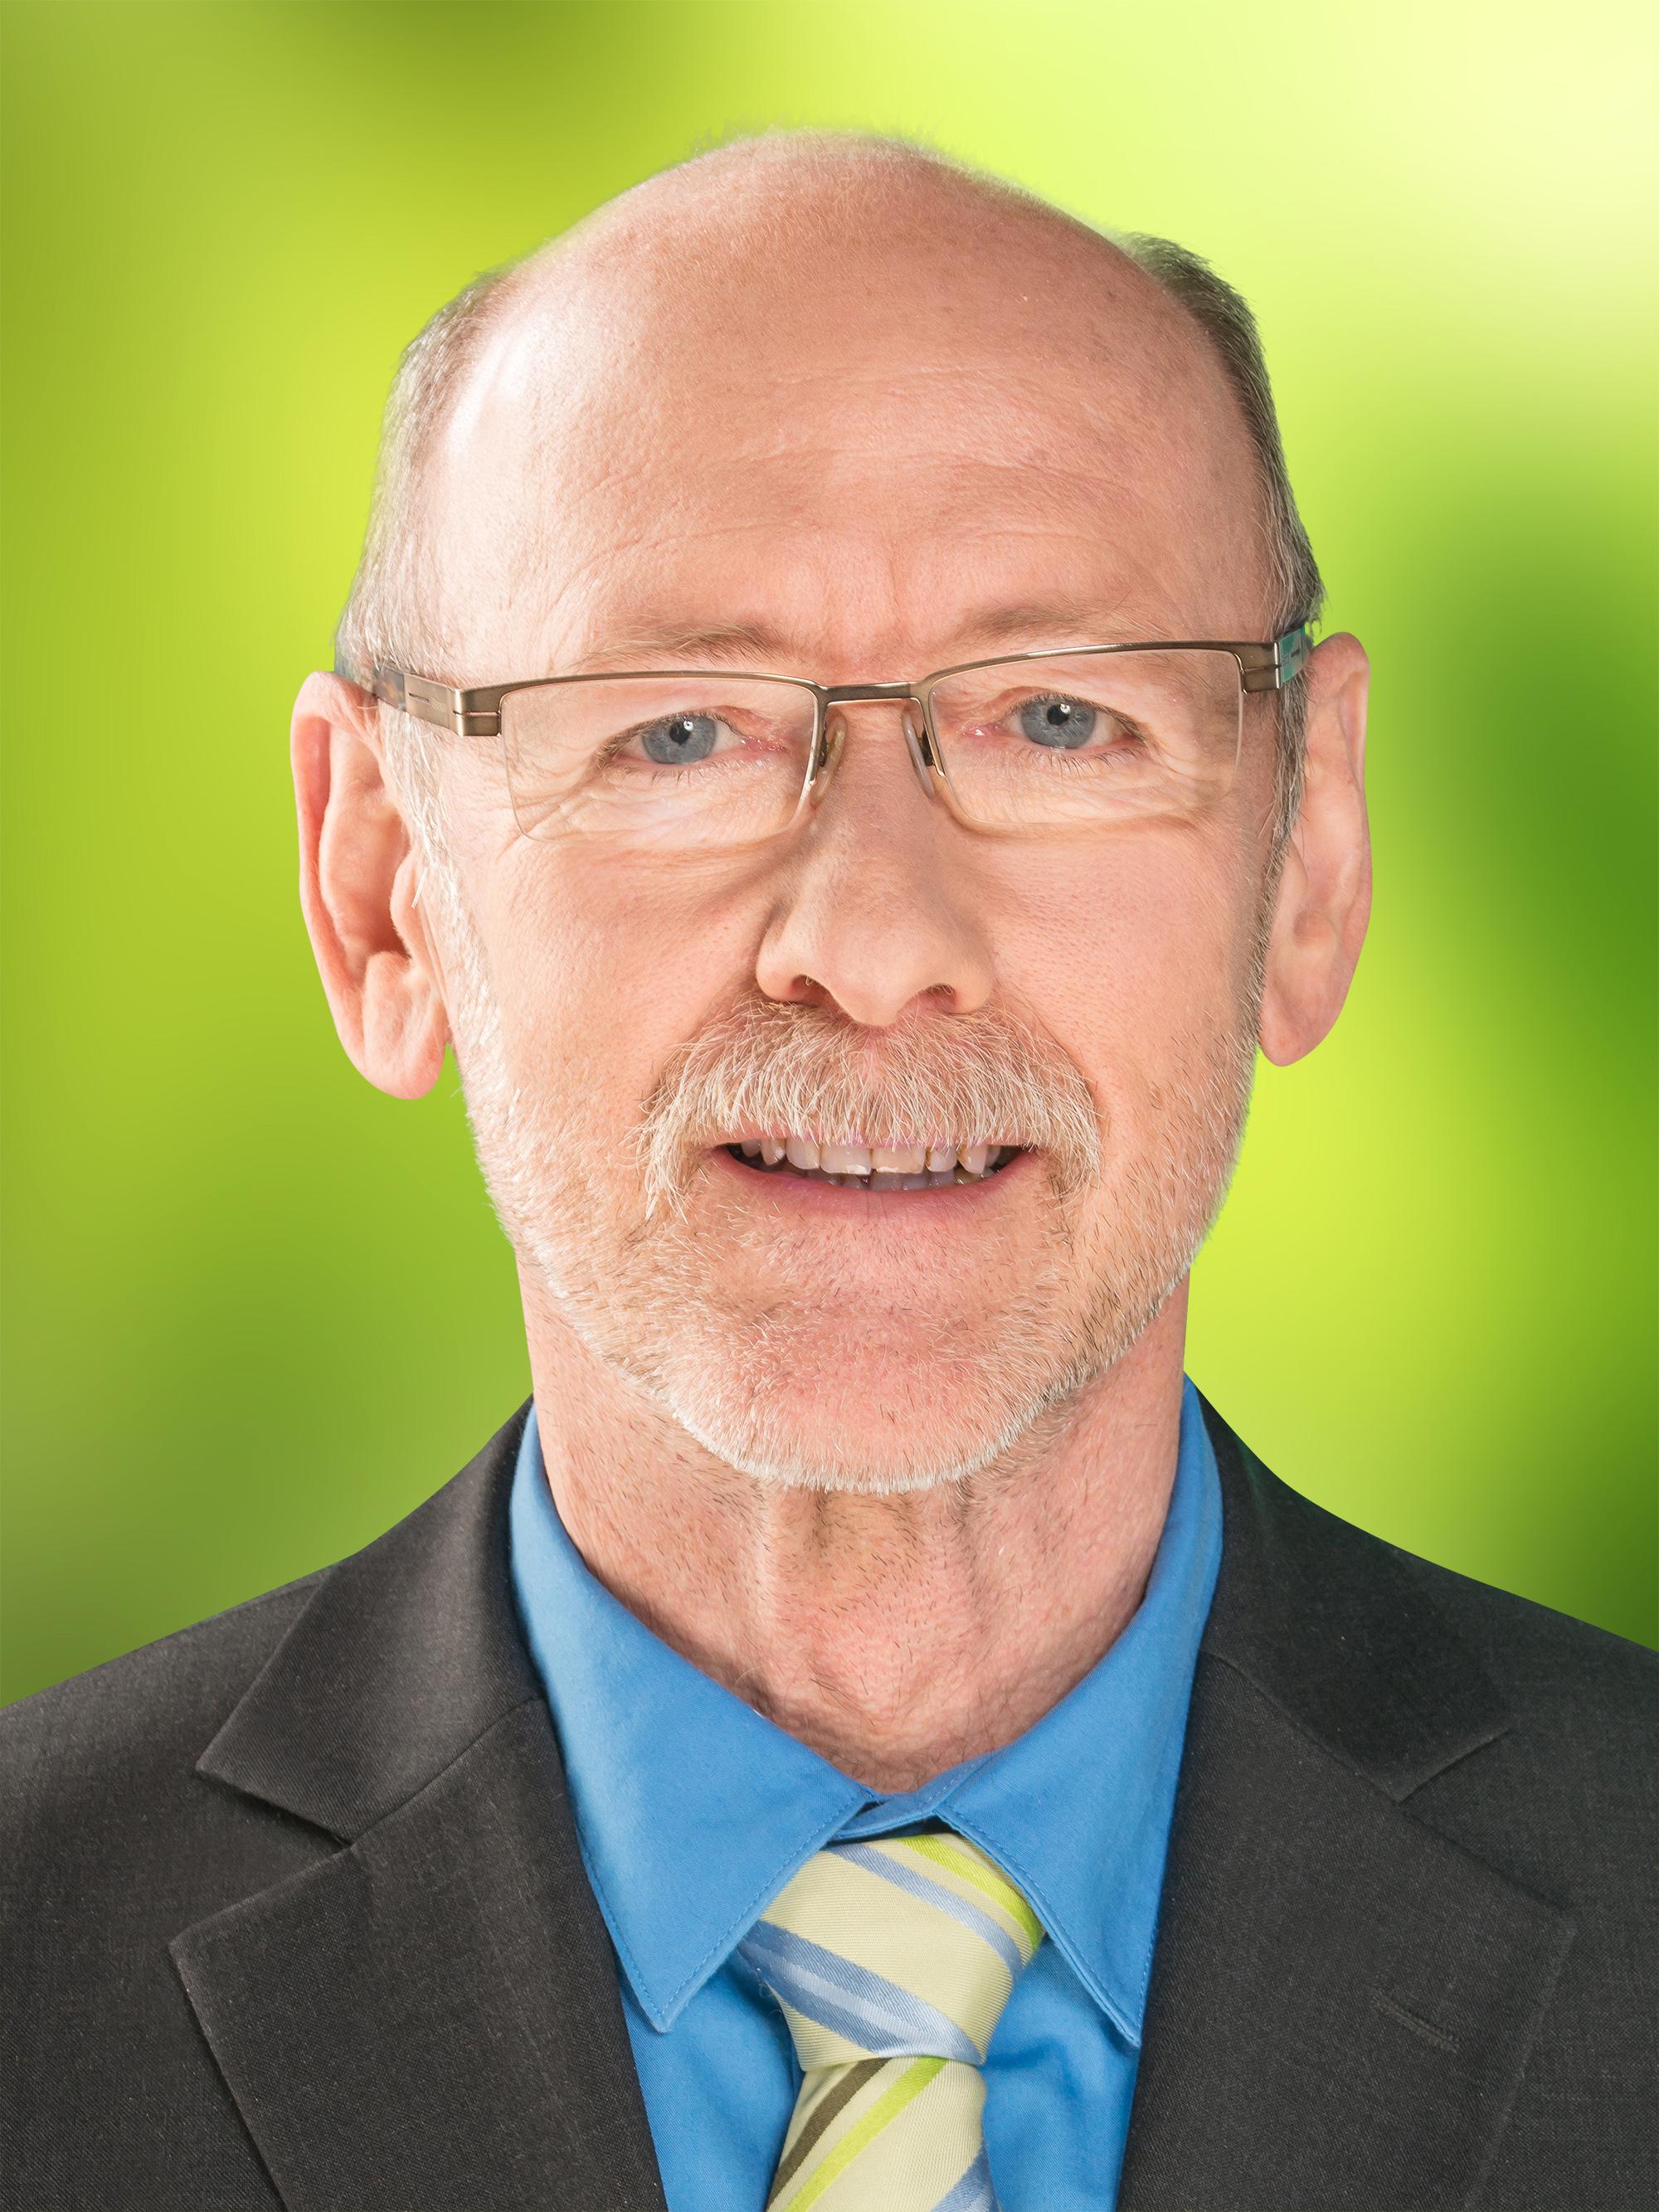 Manfred Paschwitz, Beigeordneter und Sprecher im Sozialausschuss